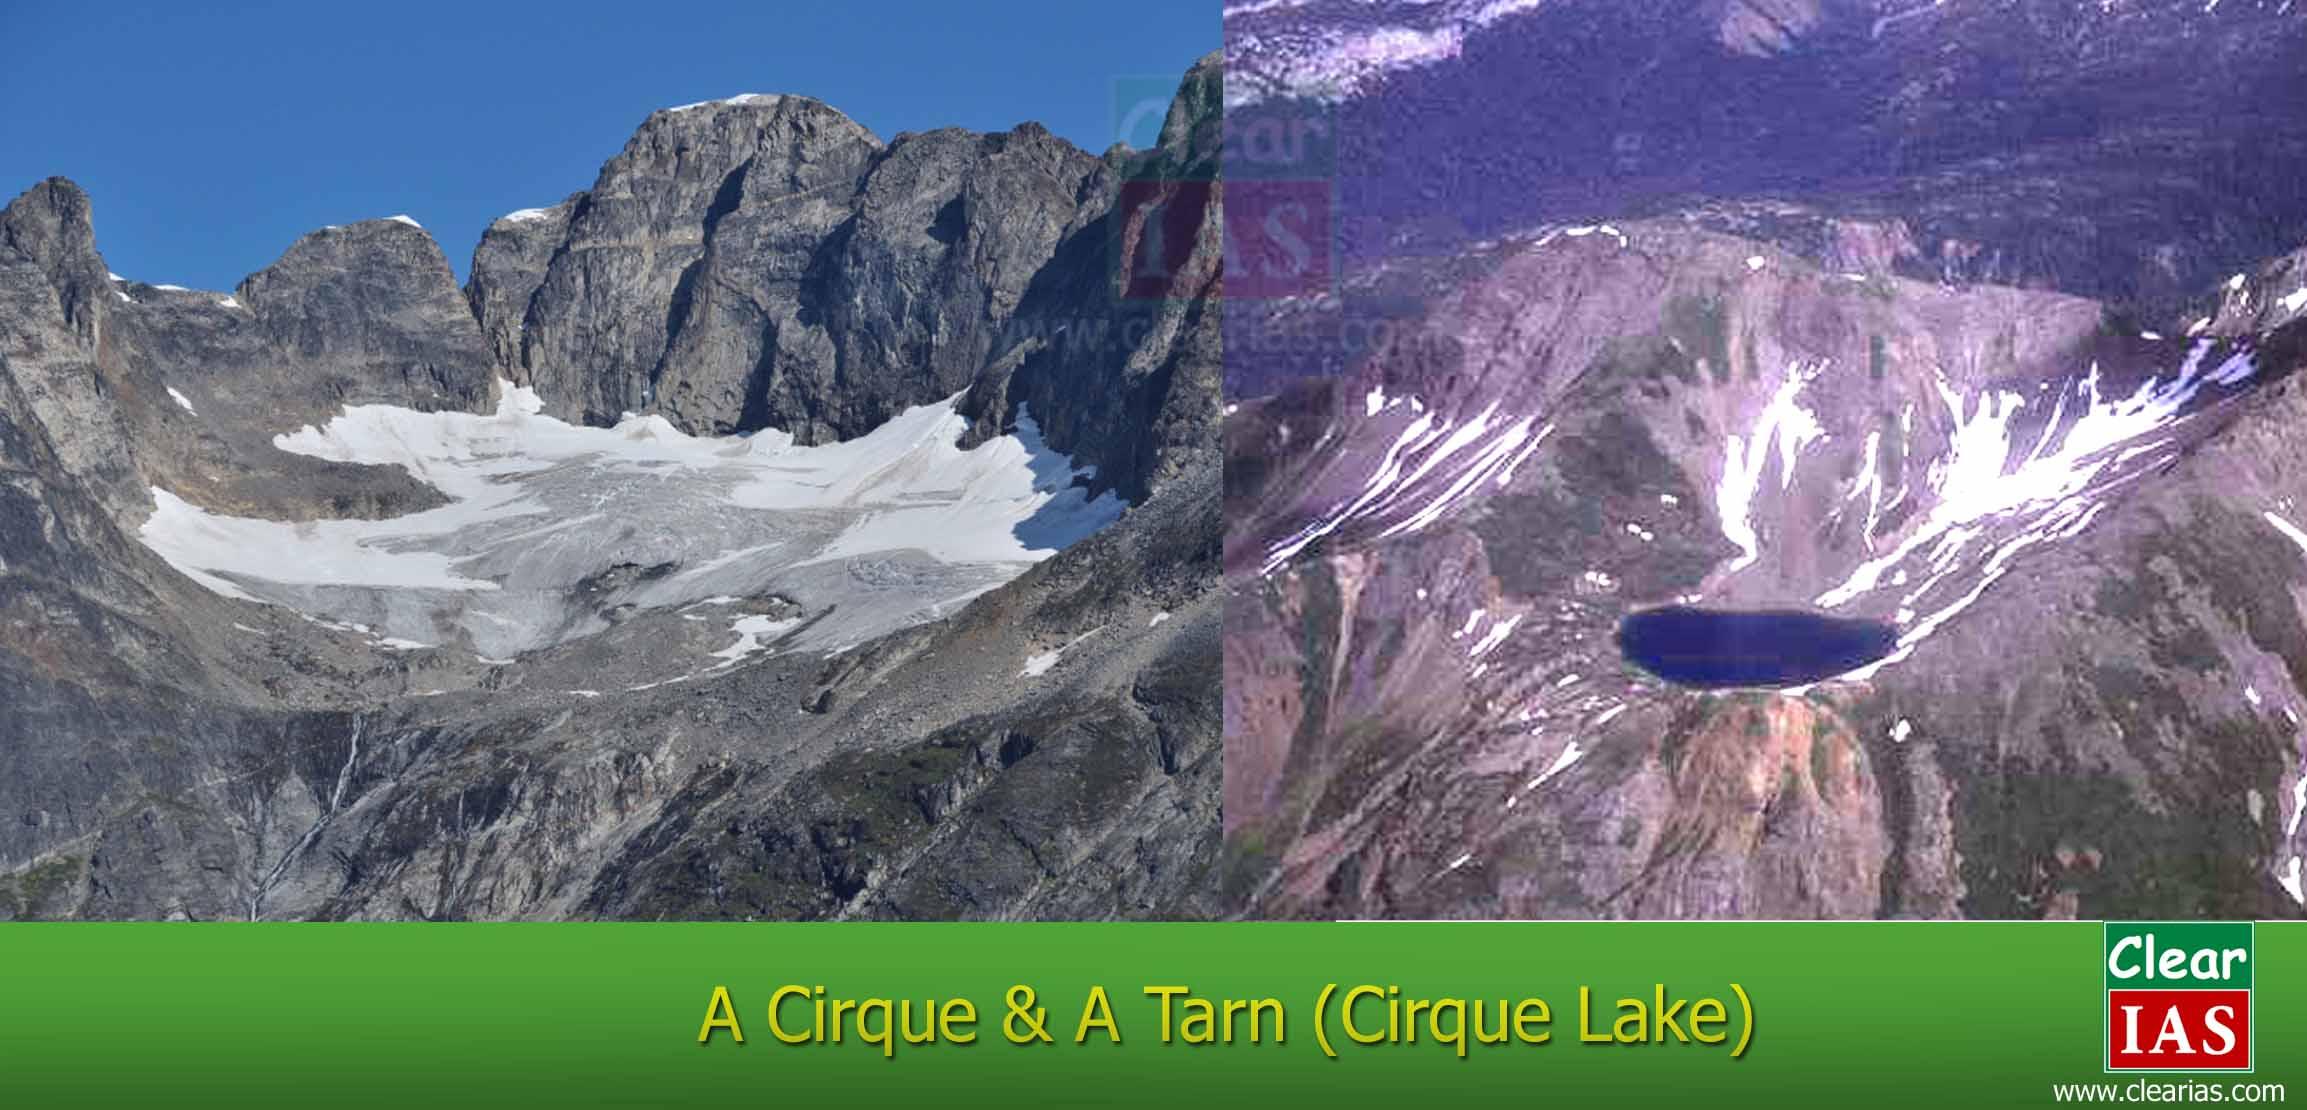 cirque- cirque lake - tarn lake